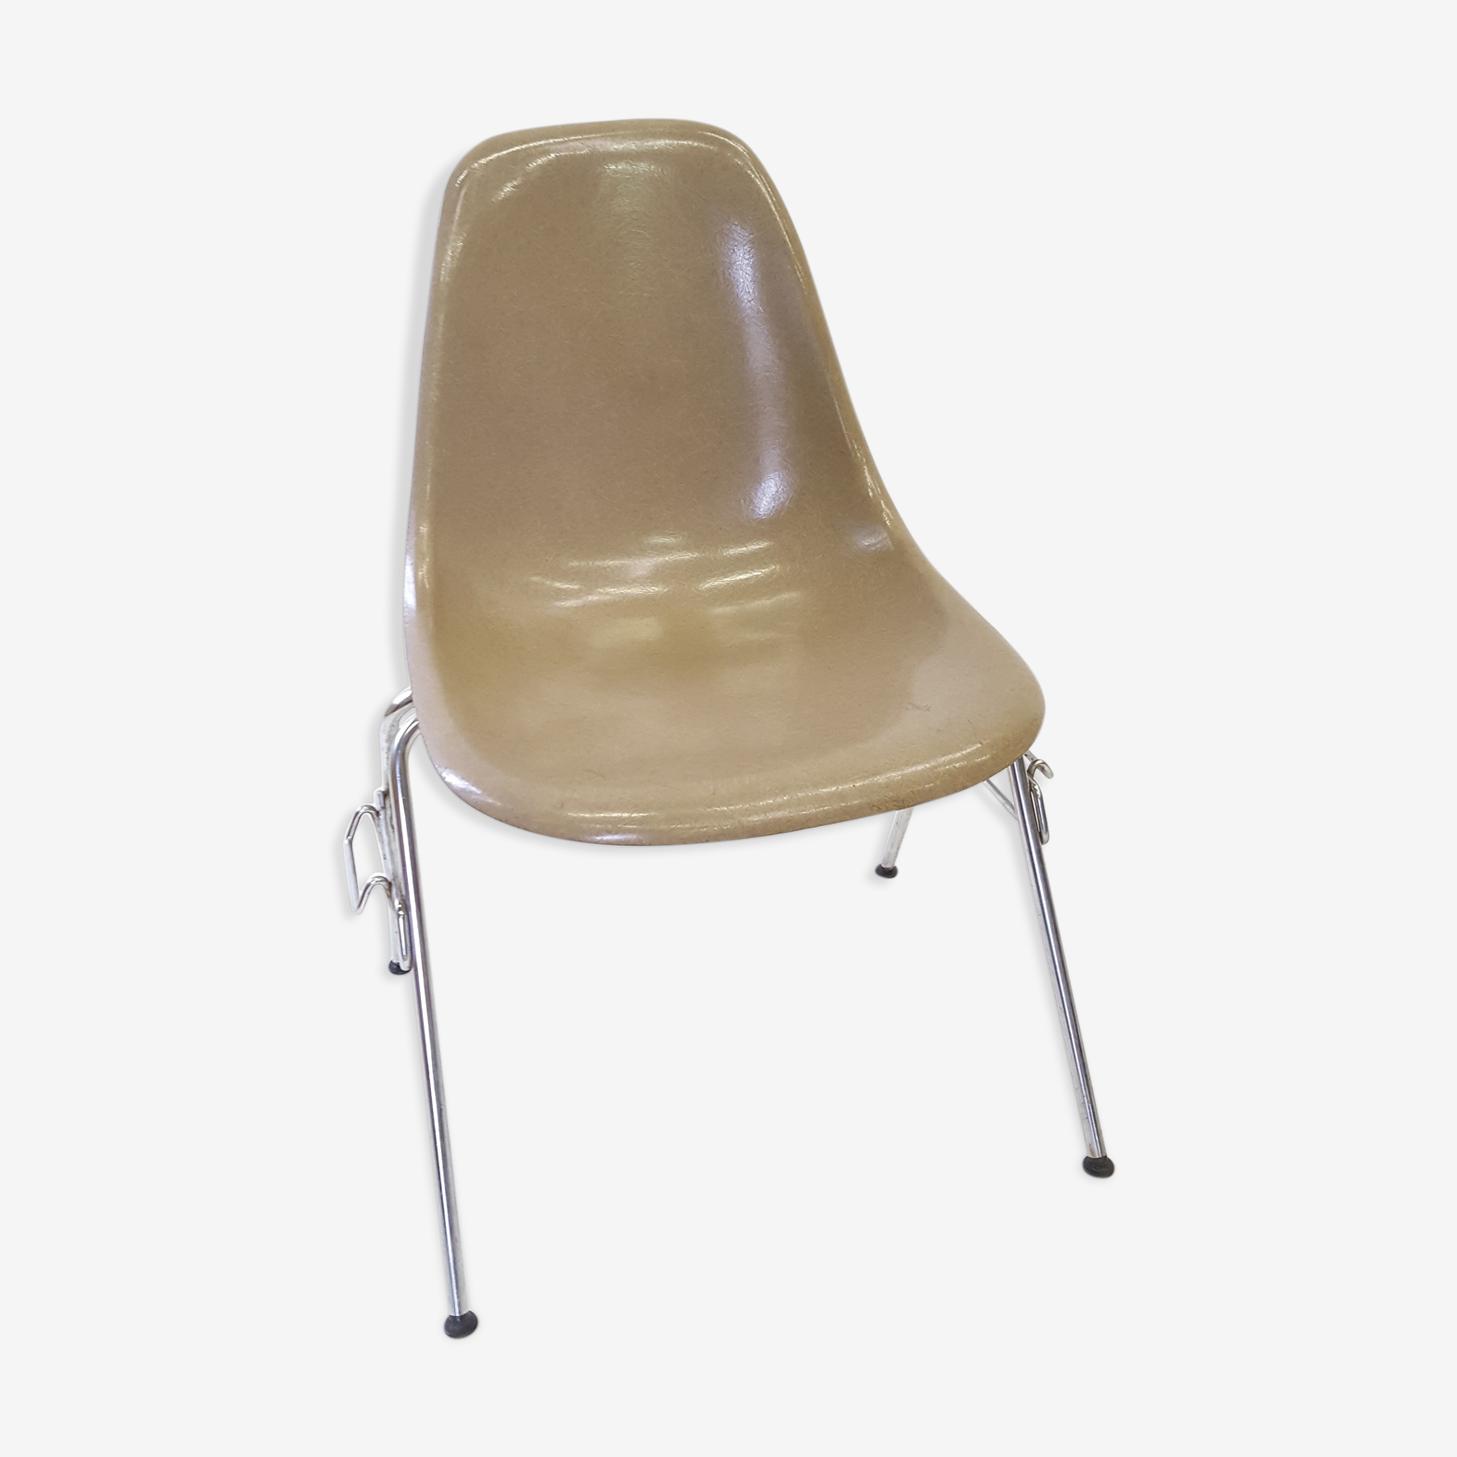 Chaise orginale Eames édition Vitra modèle DSS